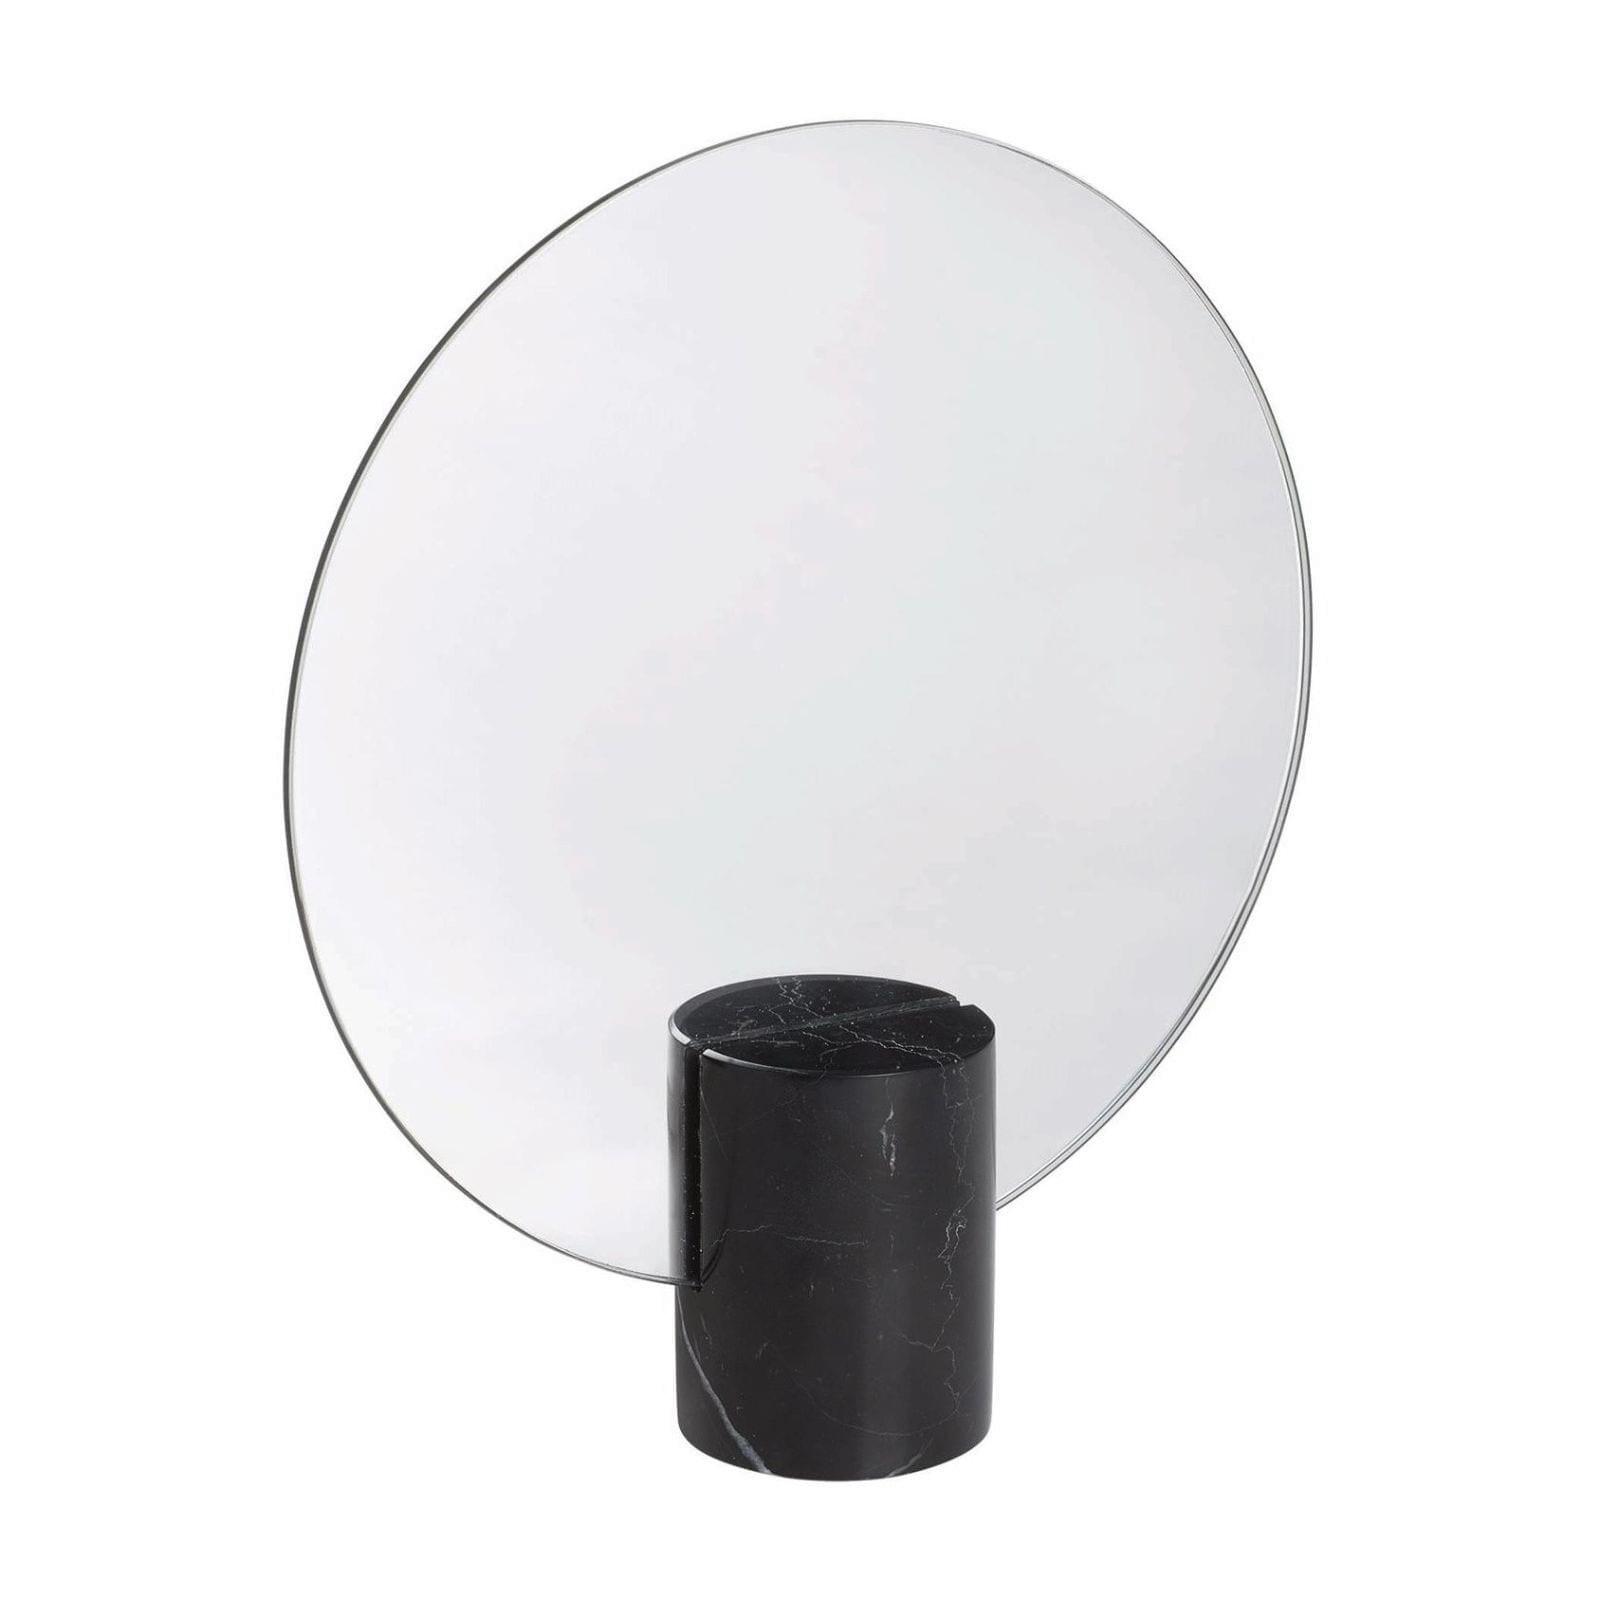 Επιτραπέζιος Καθρέφτης Pesa (Μαύρο Μάρμαρο) - Blomus